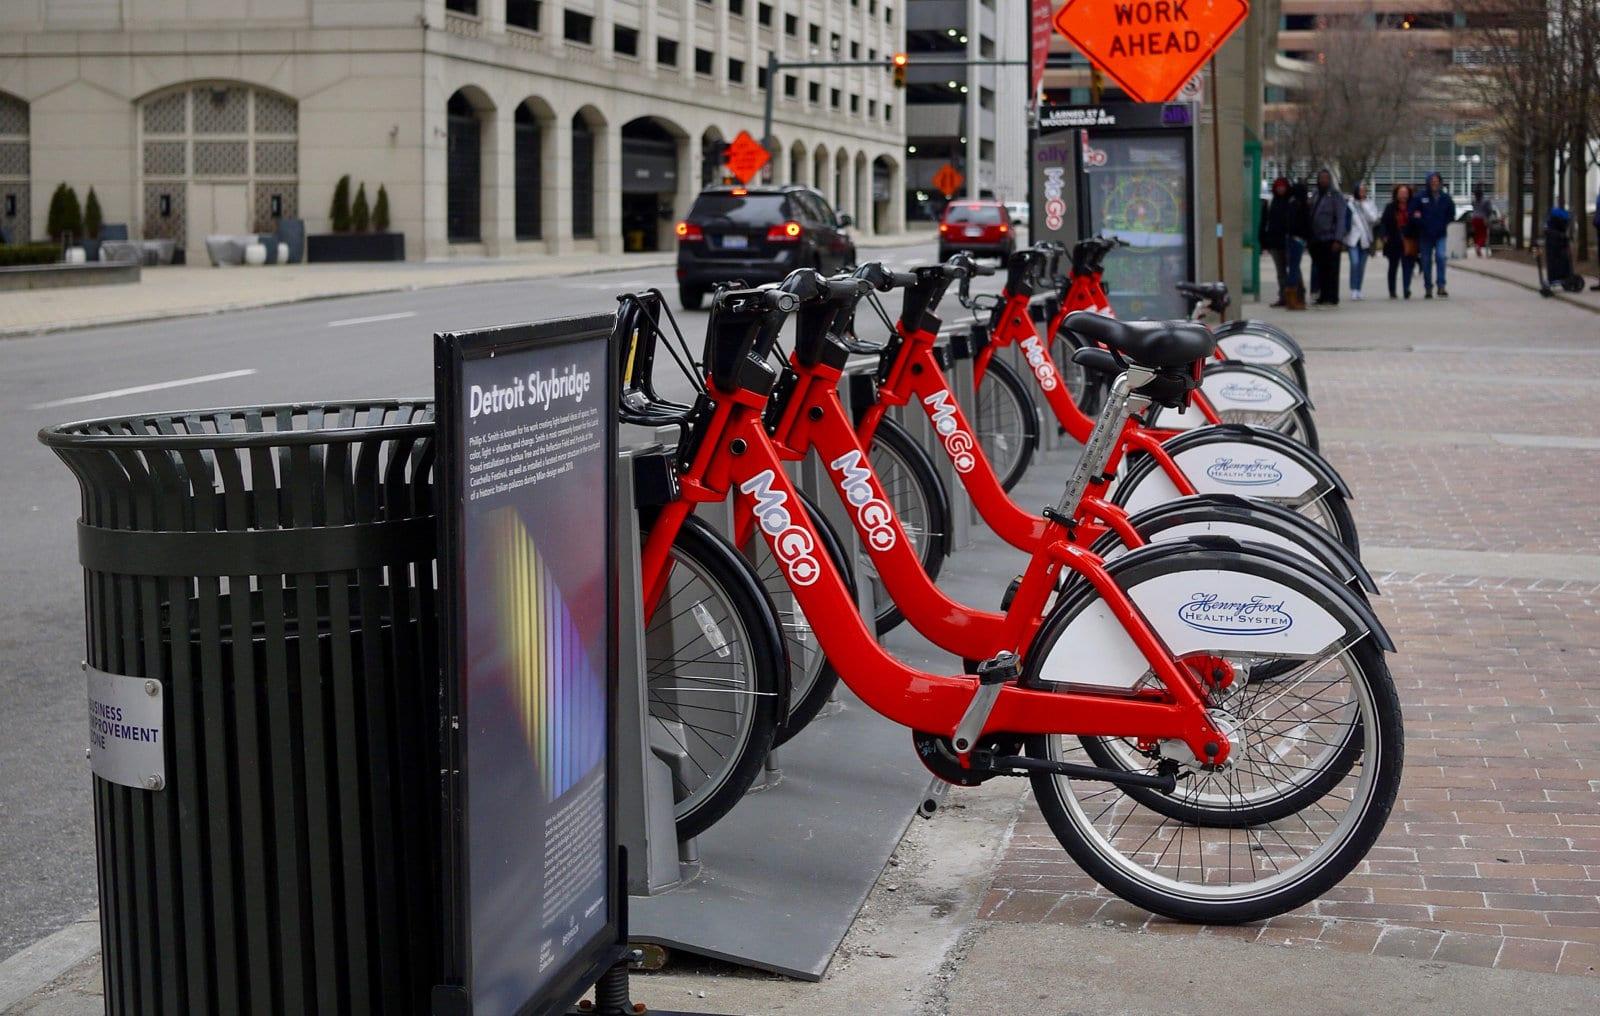 اپلیکیشن گوگل مپ مکان کرایه دوچرخه را در 24 شهر جدید نشان میدهد